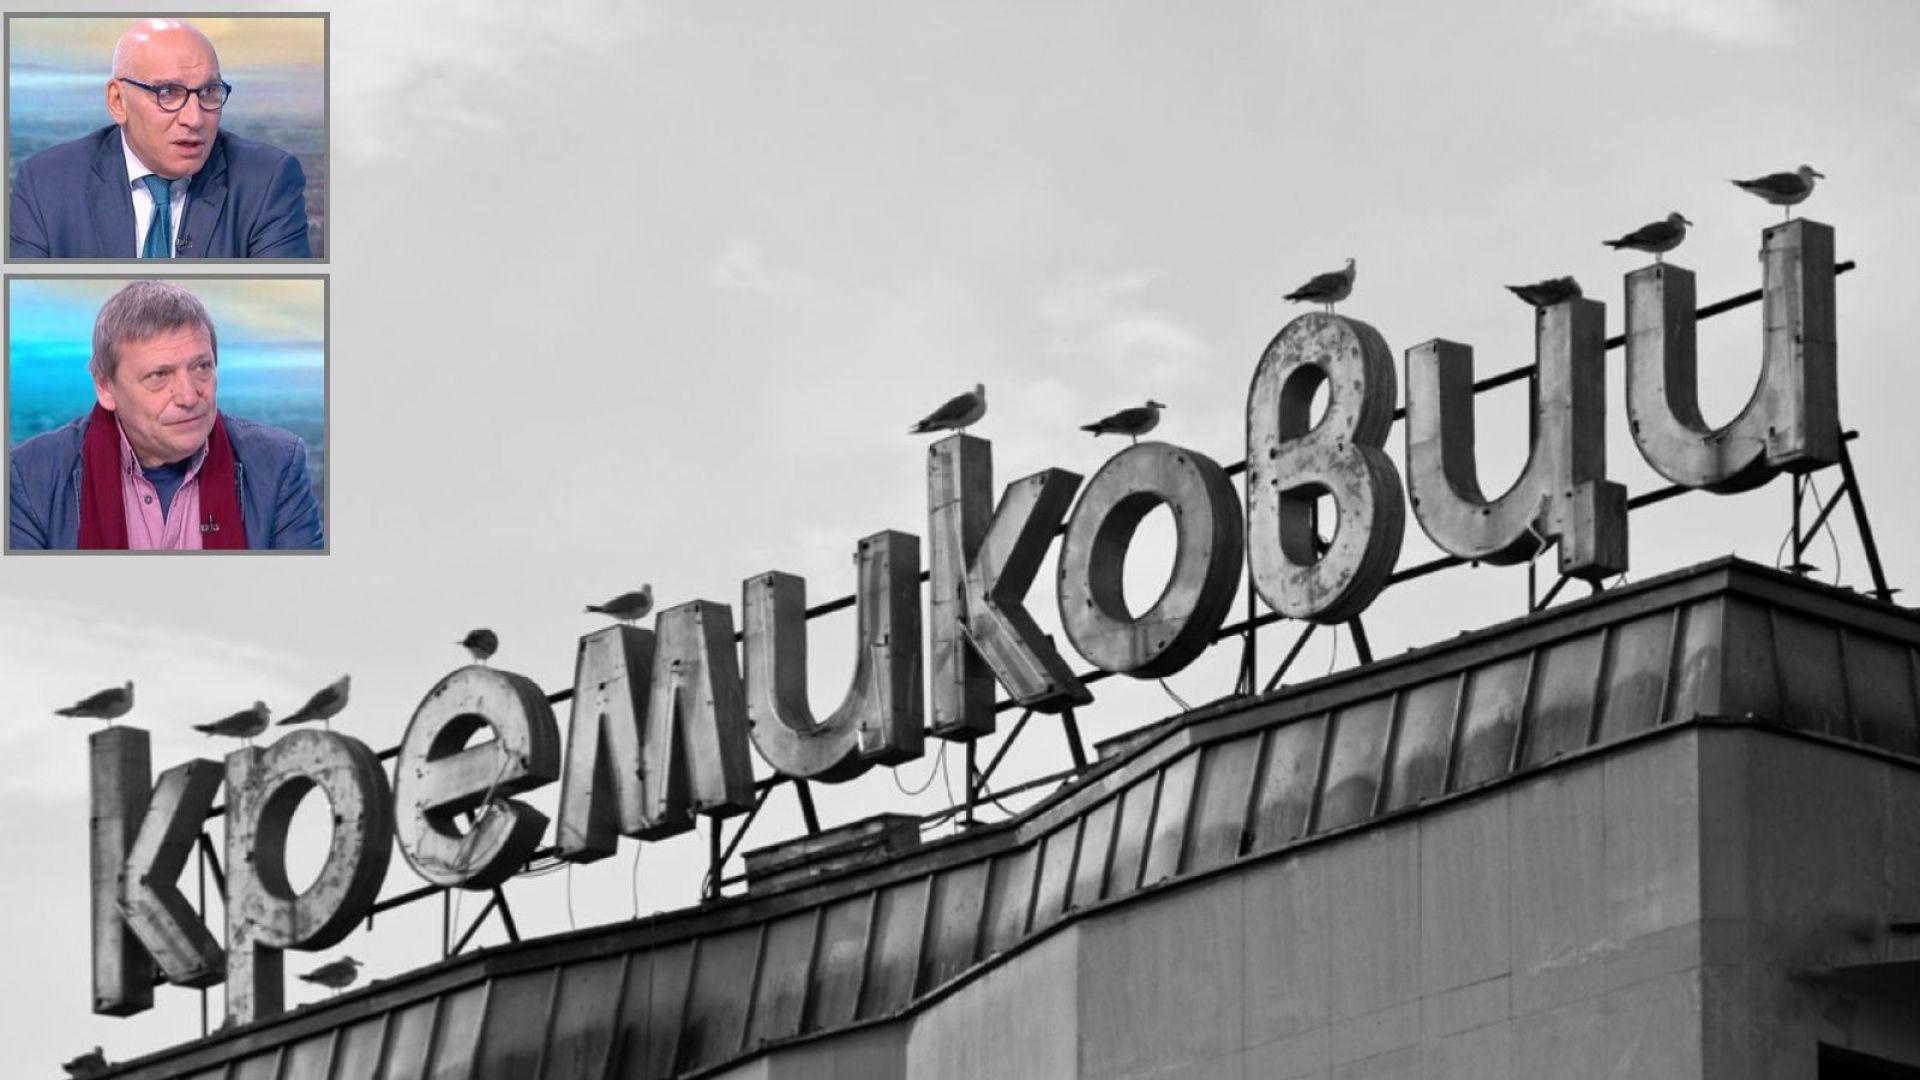 Красен Станчев и Левон Хампарцумян: Ще бъде ли разплетена докрай приватизацията?